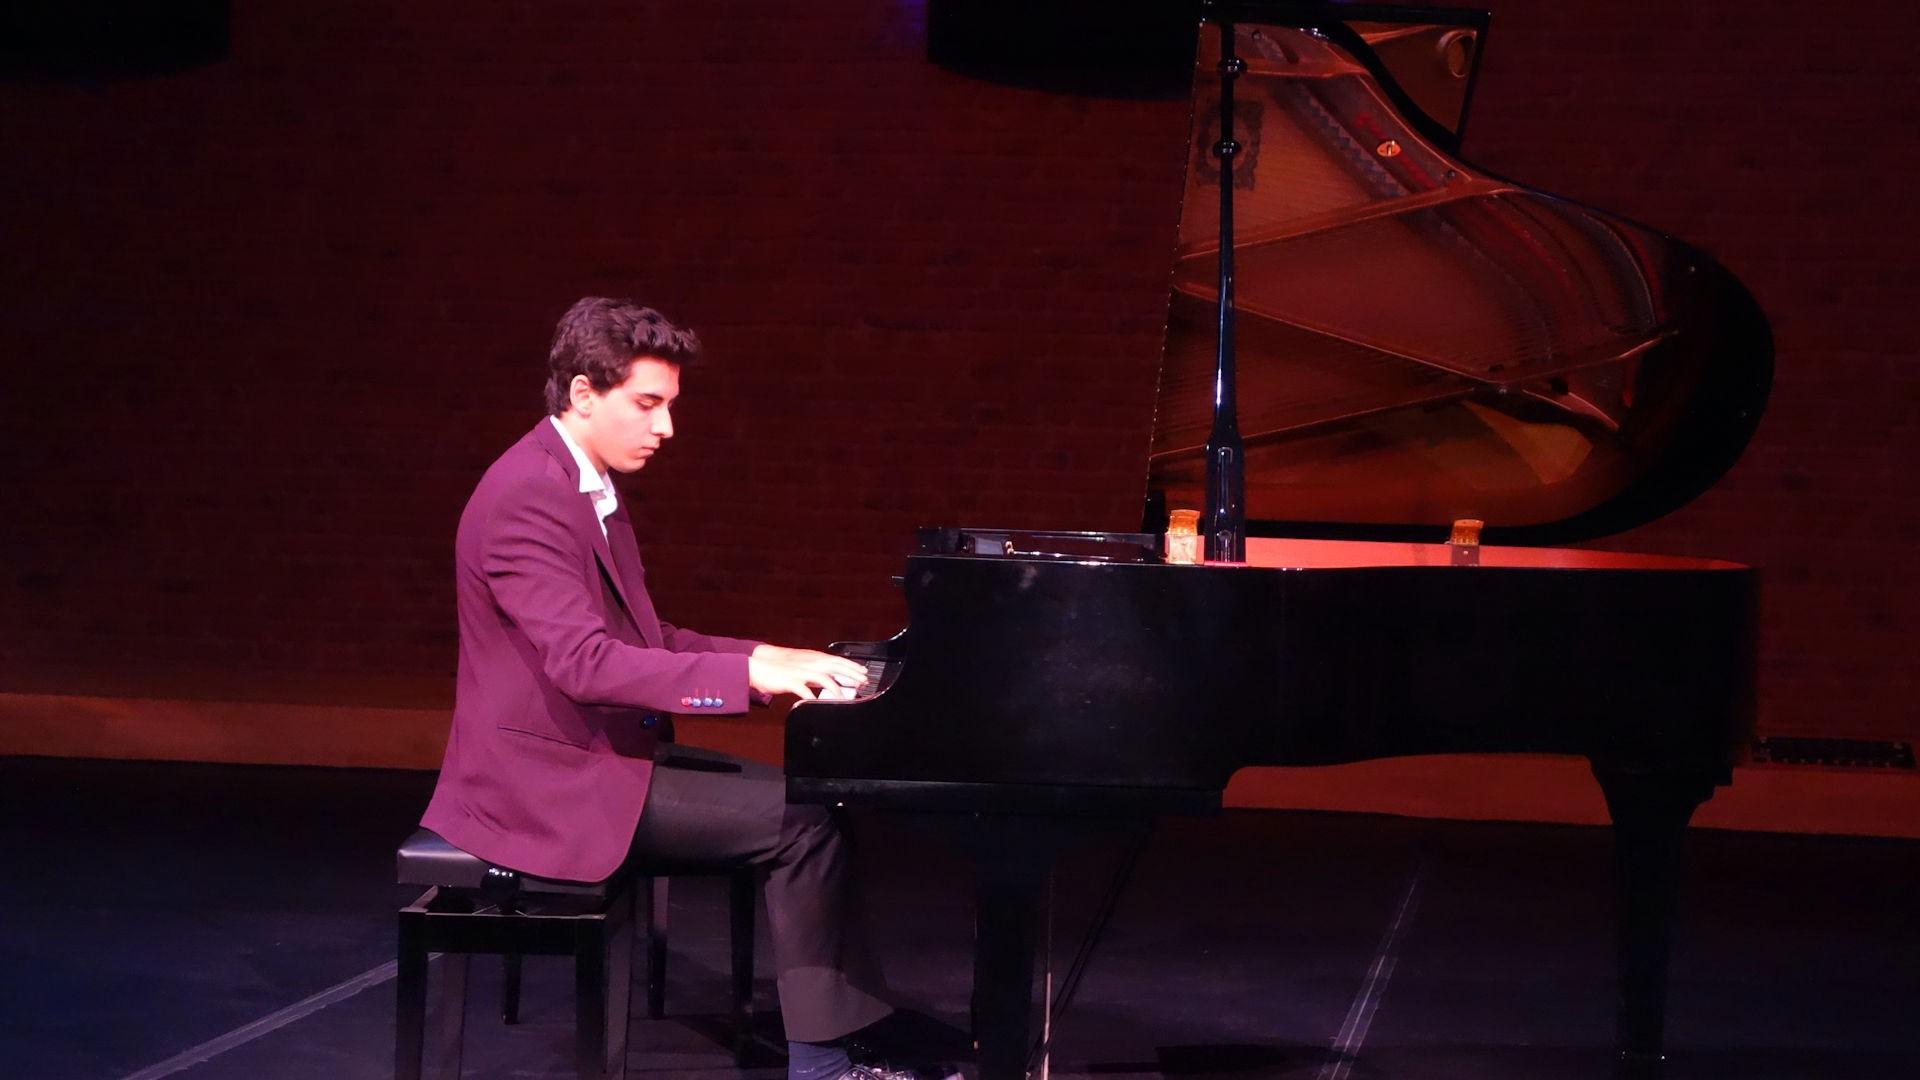 56. Yaza Merhaba Piyano Konseri Zorlu Center PSM Konser Salonu 2016 Klasik Batı Müziği Canlı Etkinlik Dinleti Listesi. Genç Piyanist Gunes Yakartepe